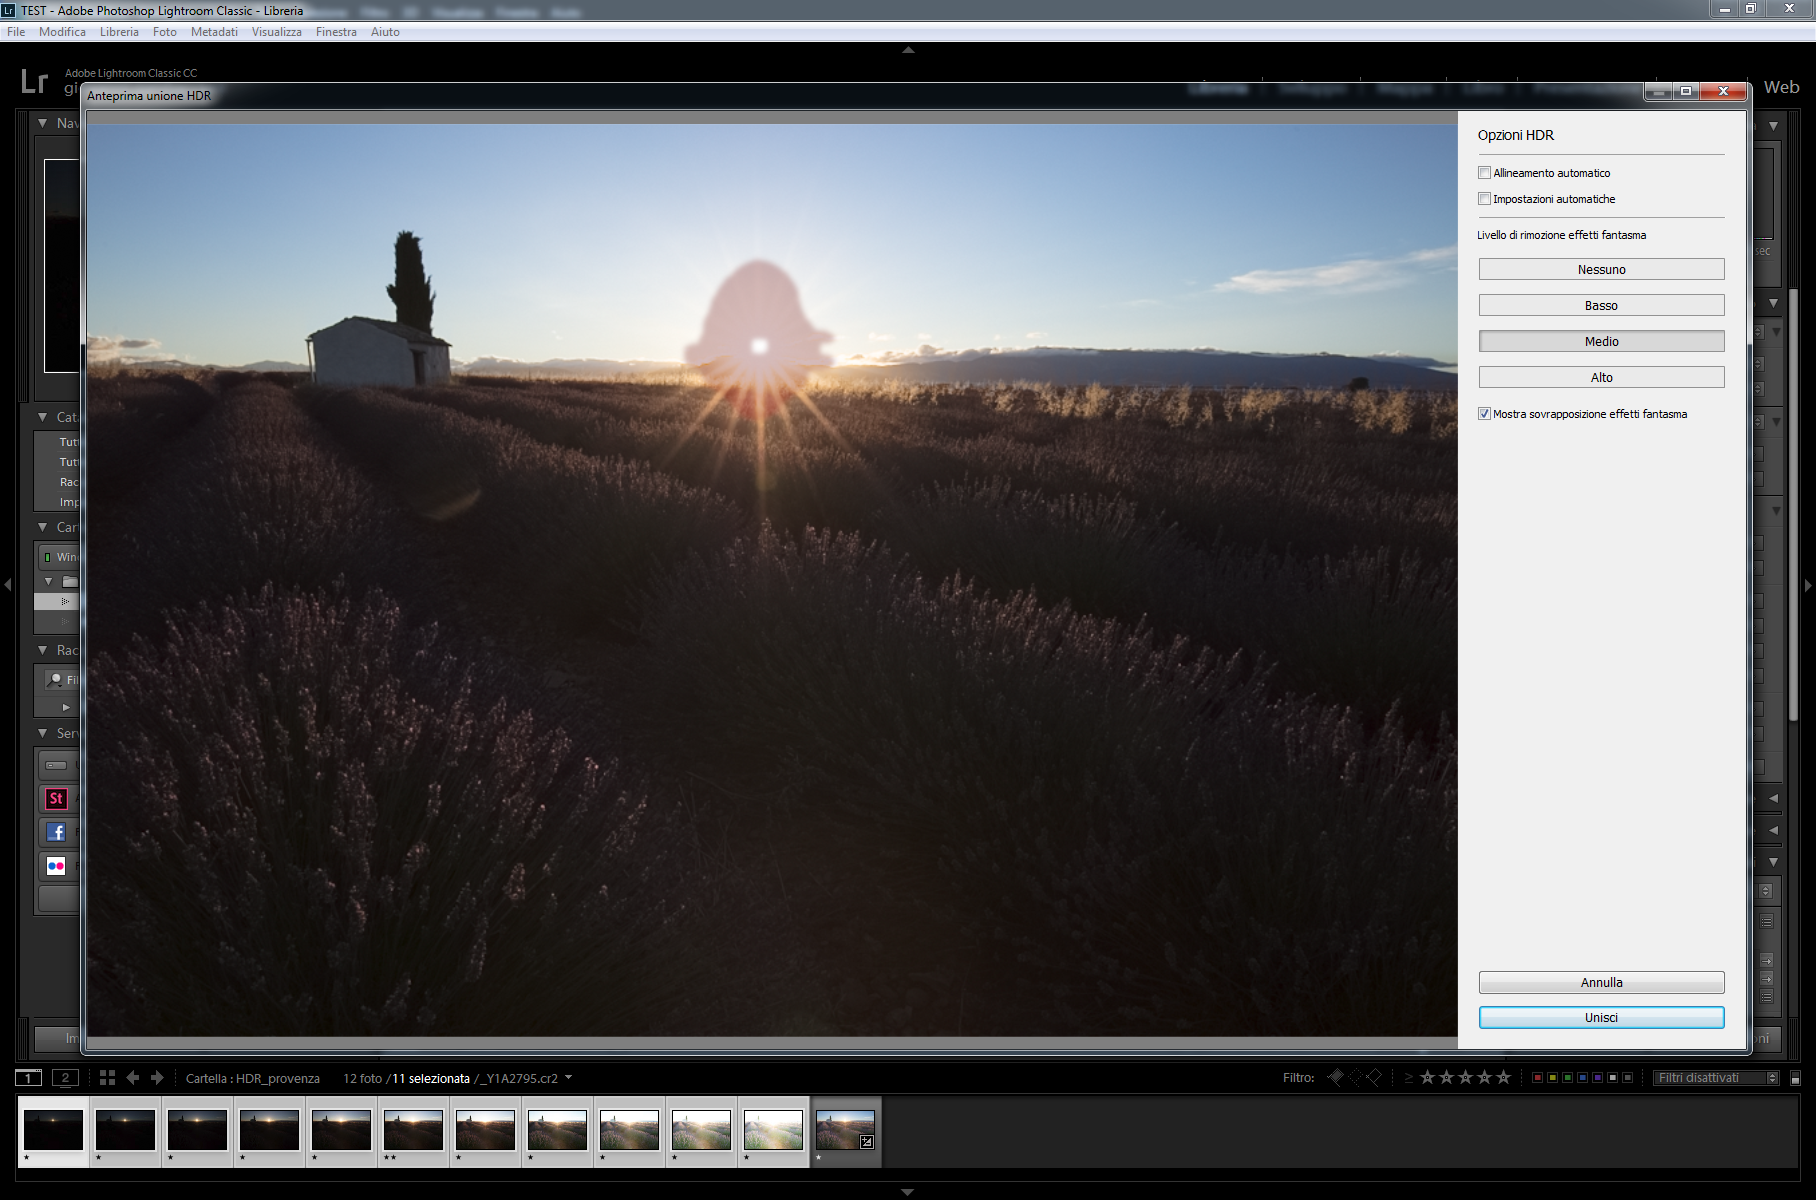 Pillole di Fotografia  LR7.1_Lenovo_HDR_Anteprima Nuovo LightRoom v7.2 ... Finalmente un pò di velocità!